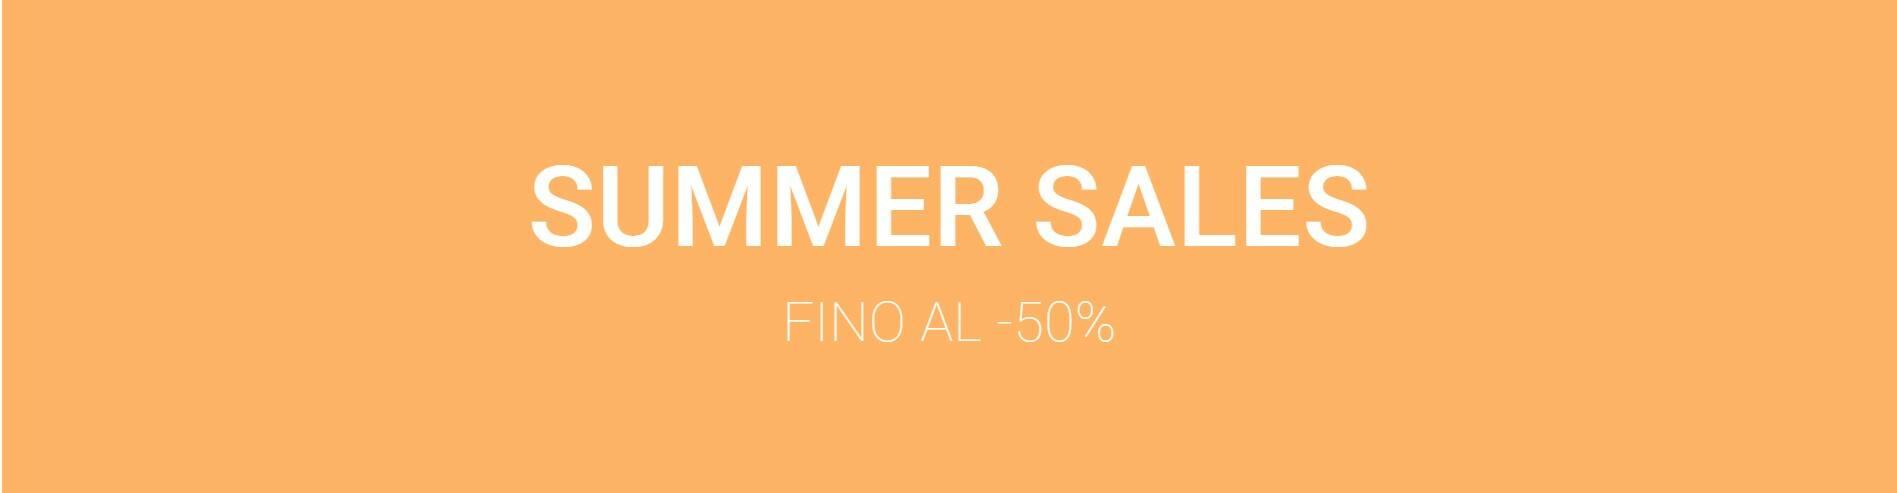 summer_sale_gutteridge